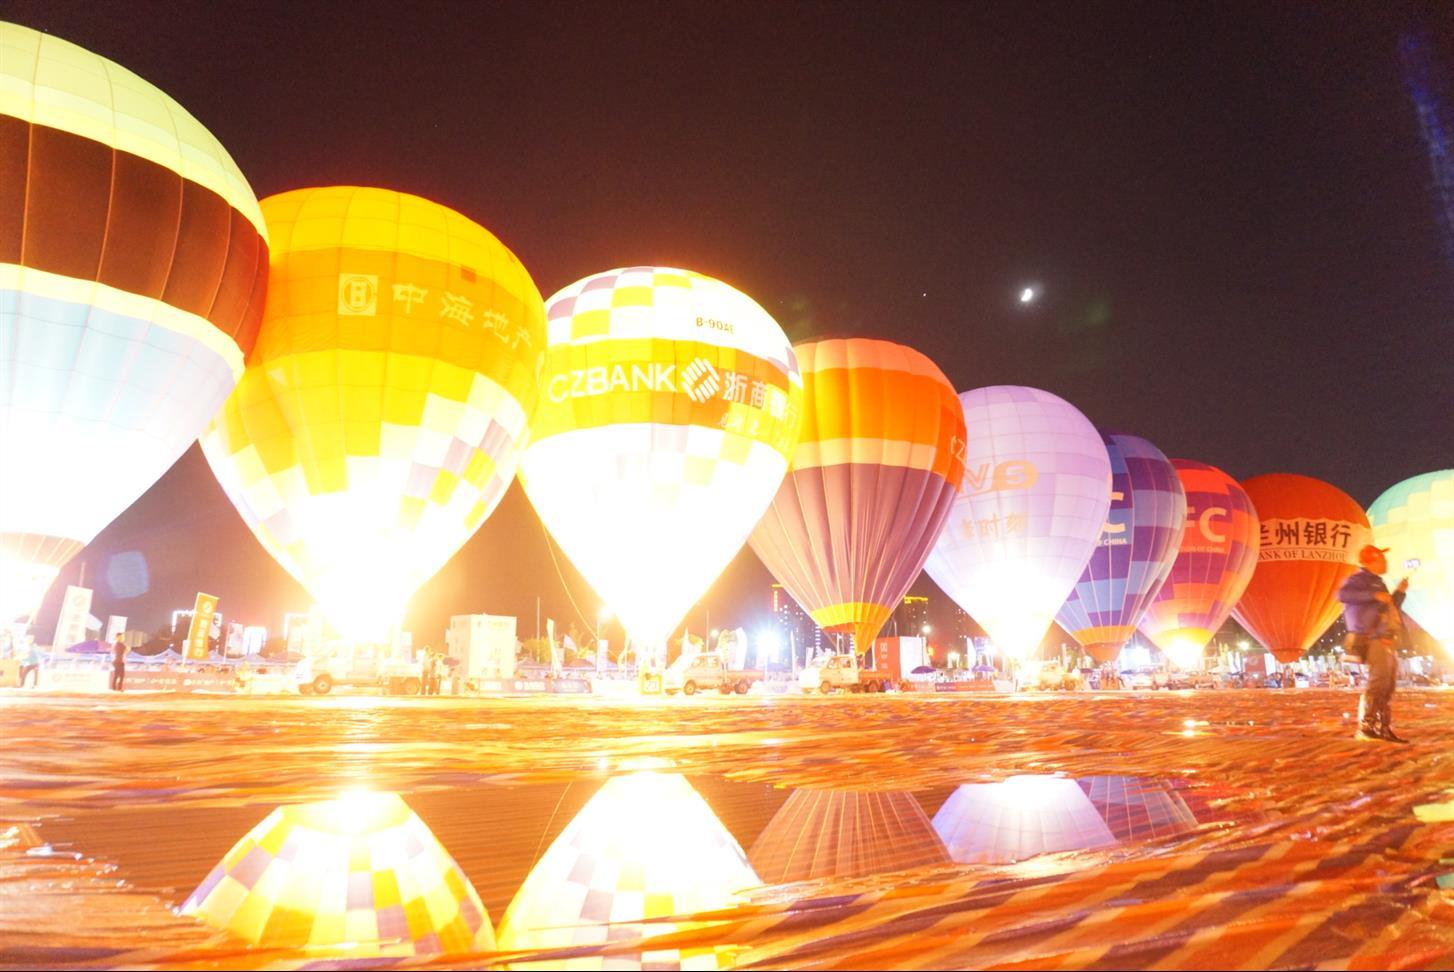 吐鲁番热气球项目